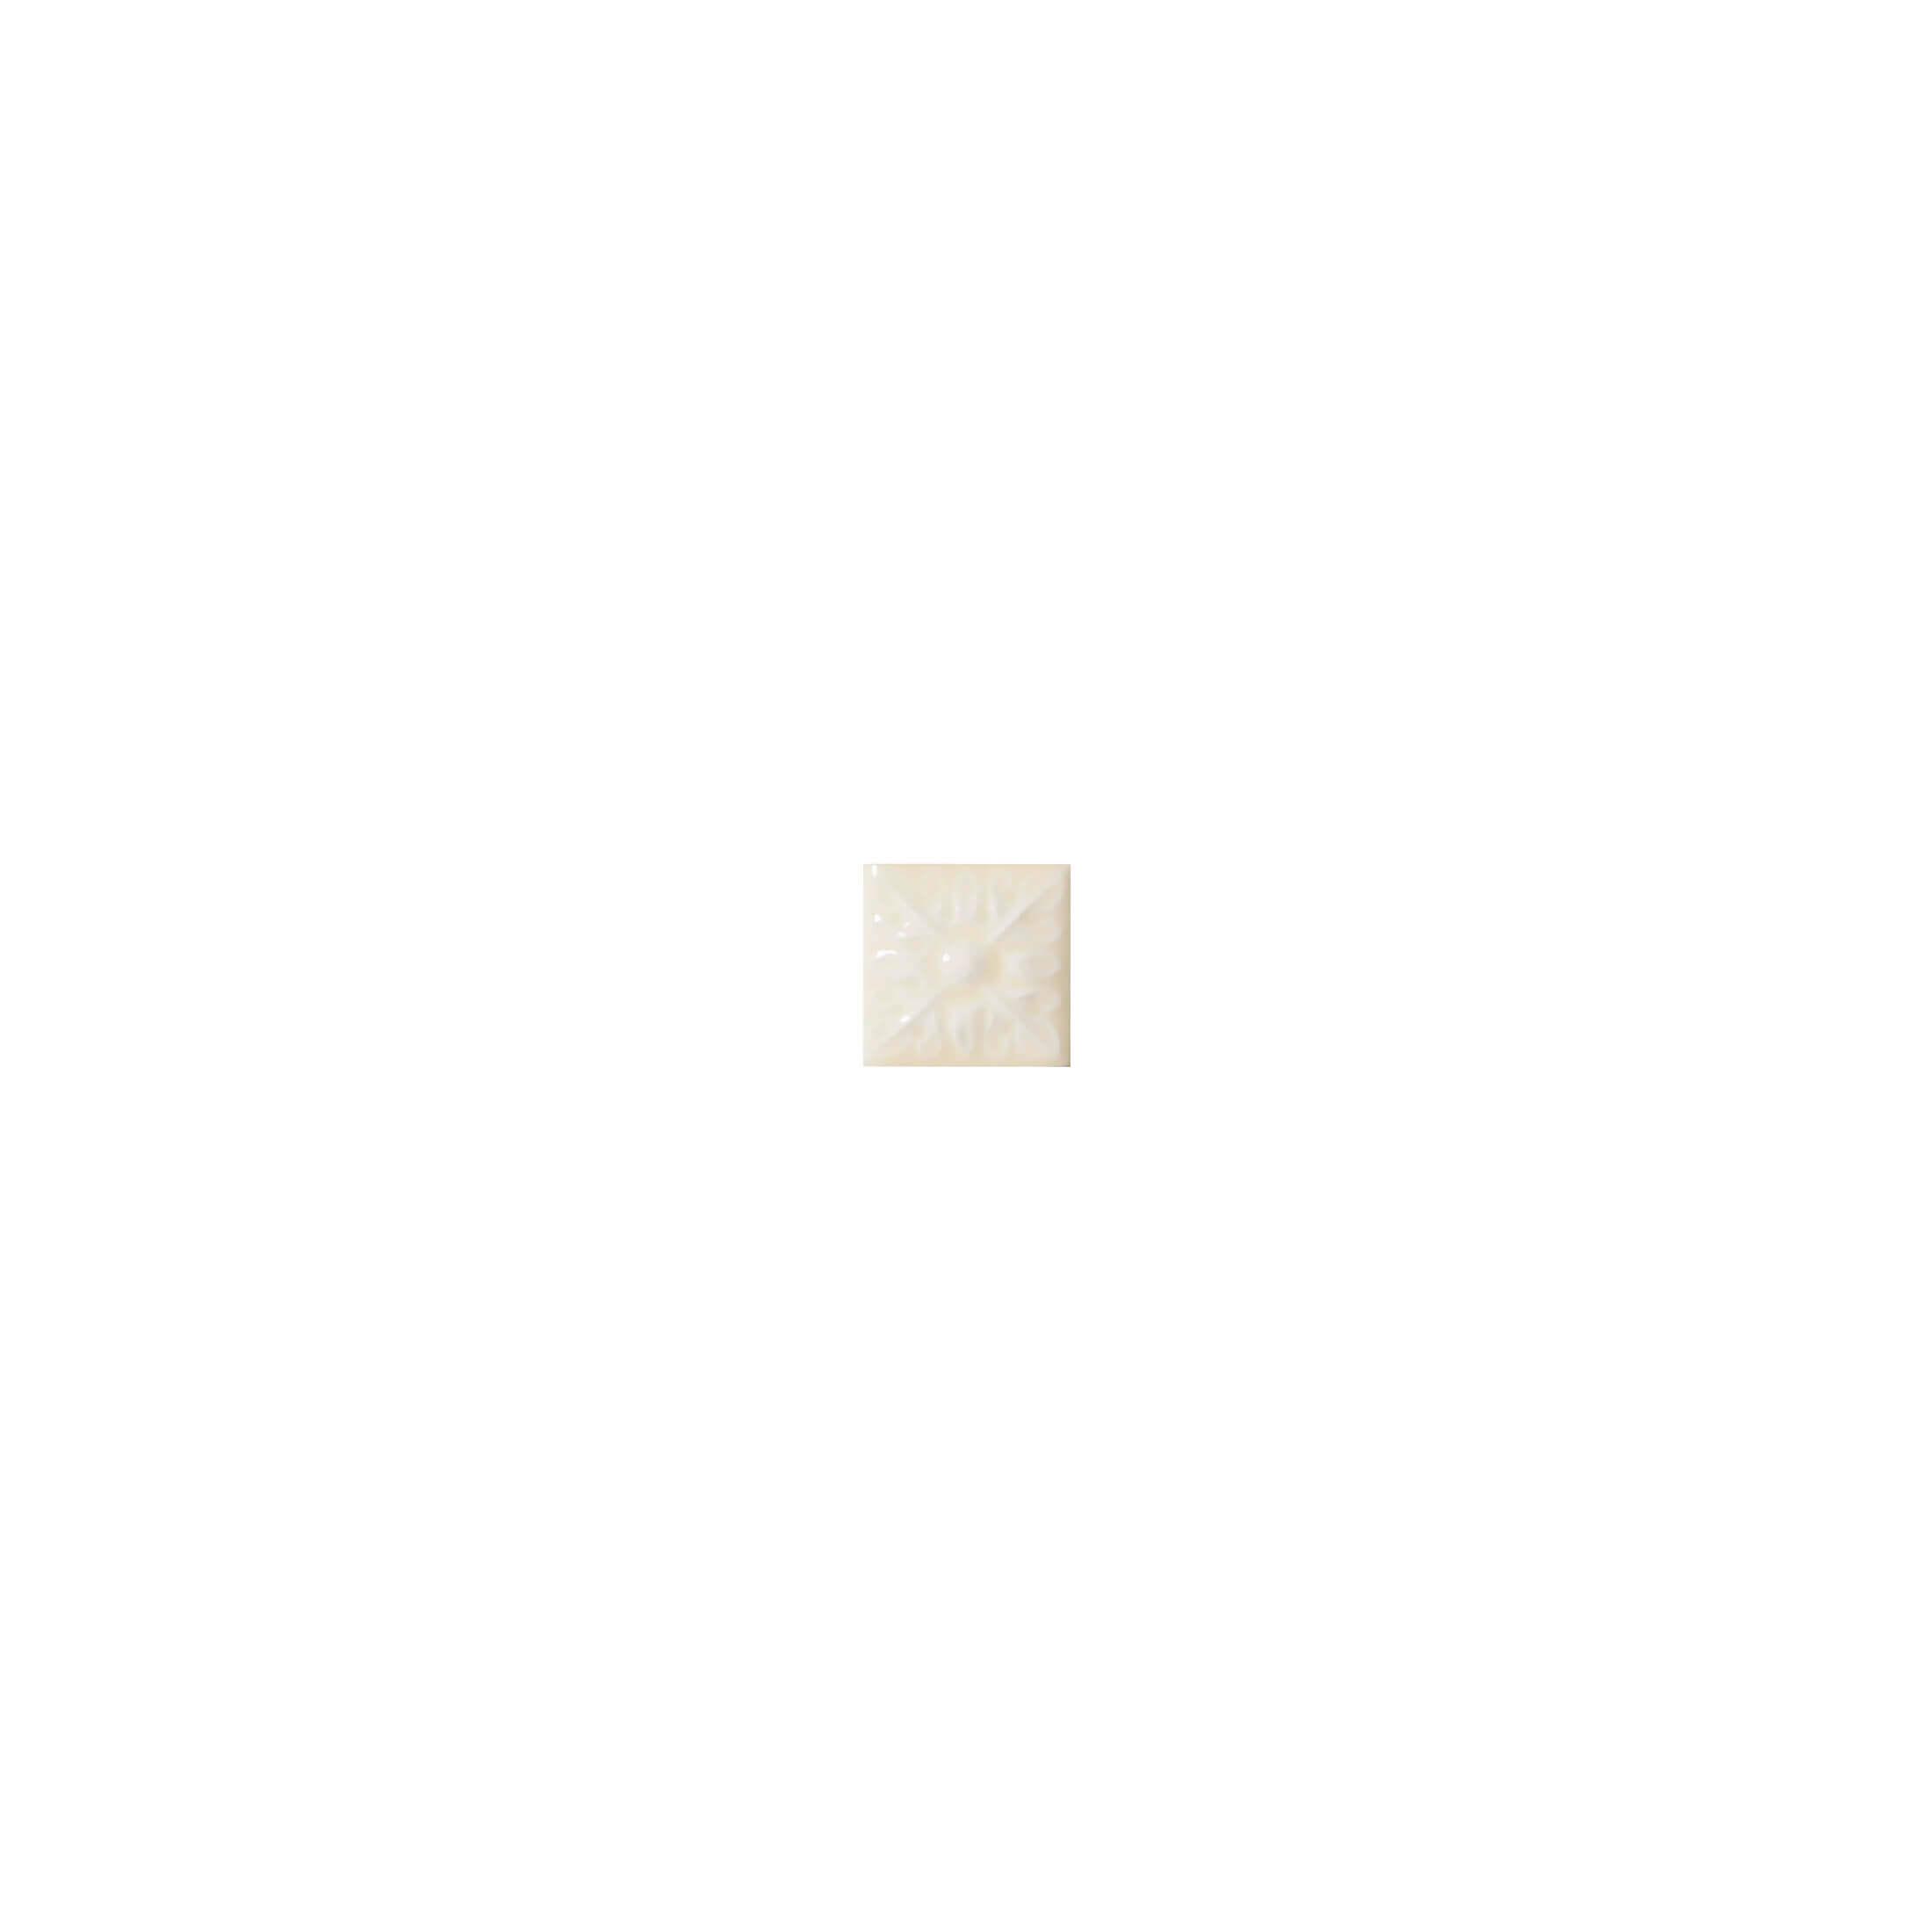 ADST4106 - TACO RELIEVE FLOR Nº 2 - 3 cm X 3 cm